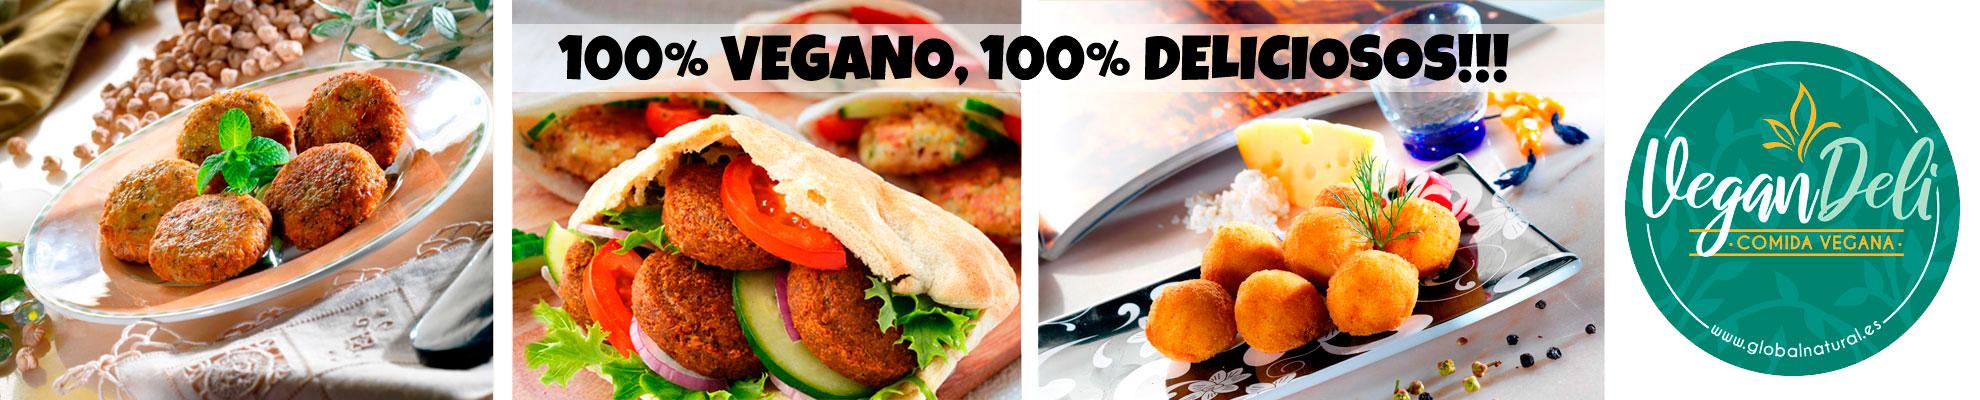 falafel vegano vegandeli